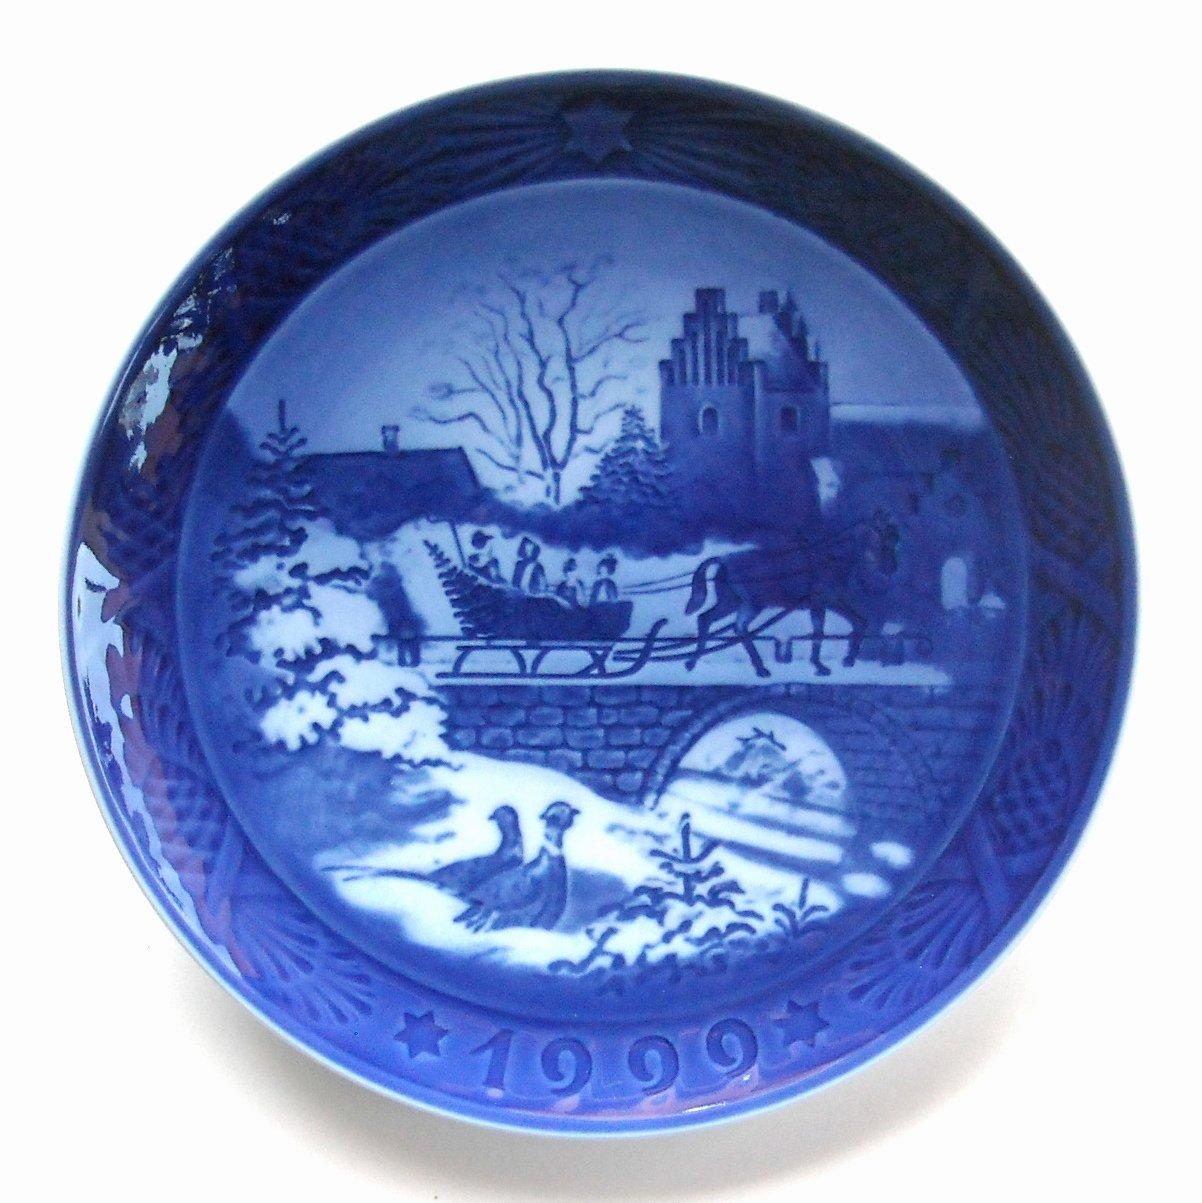 Royal Copenhagen Denmark Christmas Plate 1999